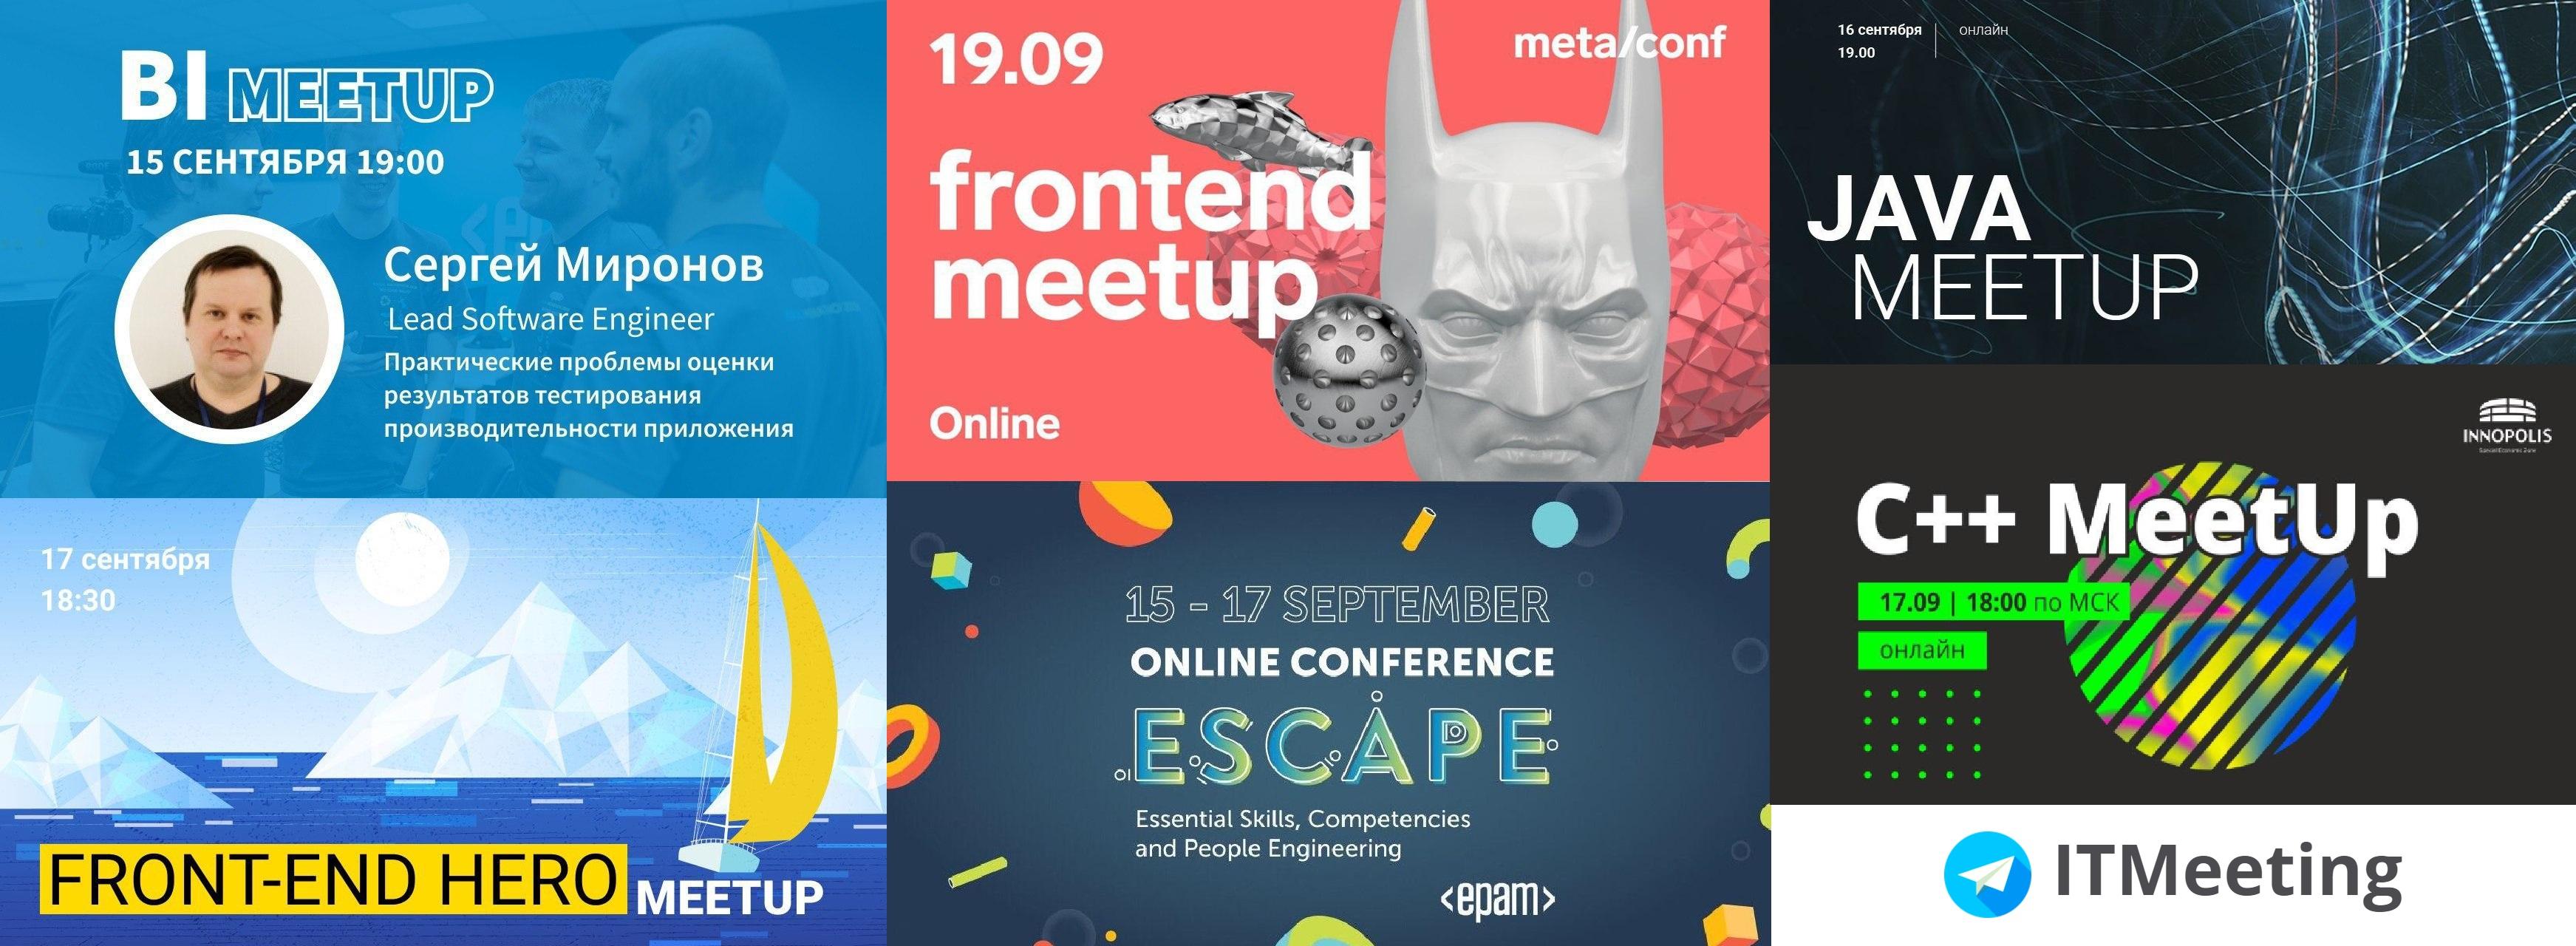 Бесплатные онлайн-мероприятия по разработке (15 сентября  23 сентября)